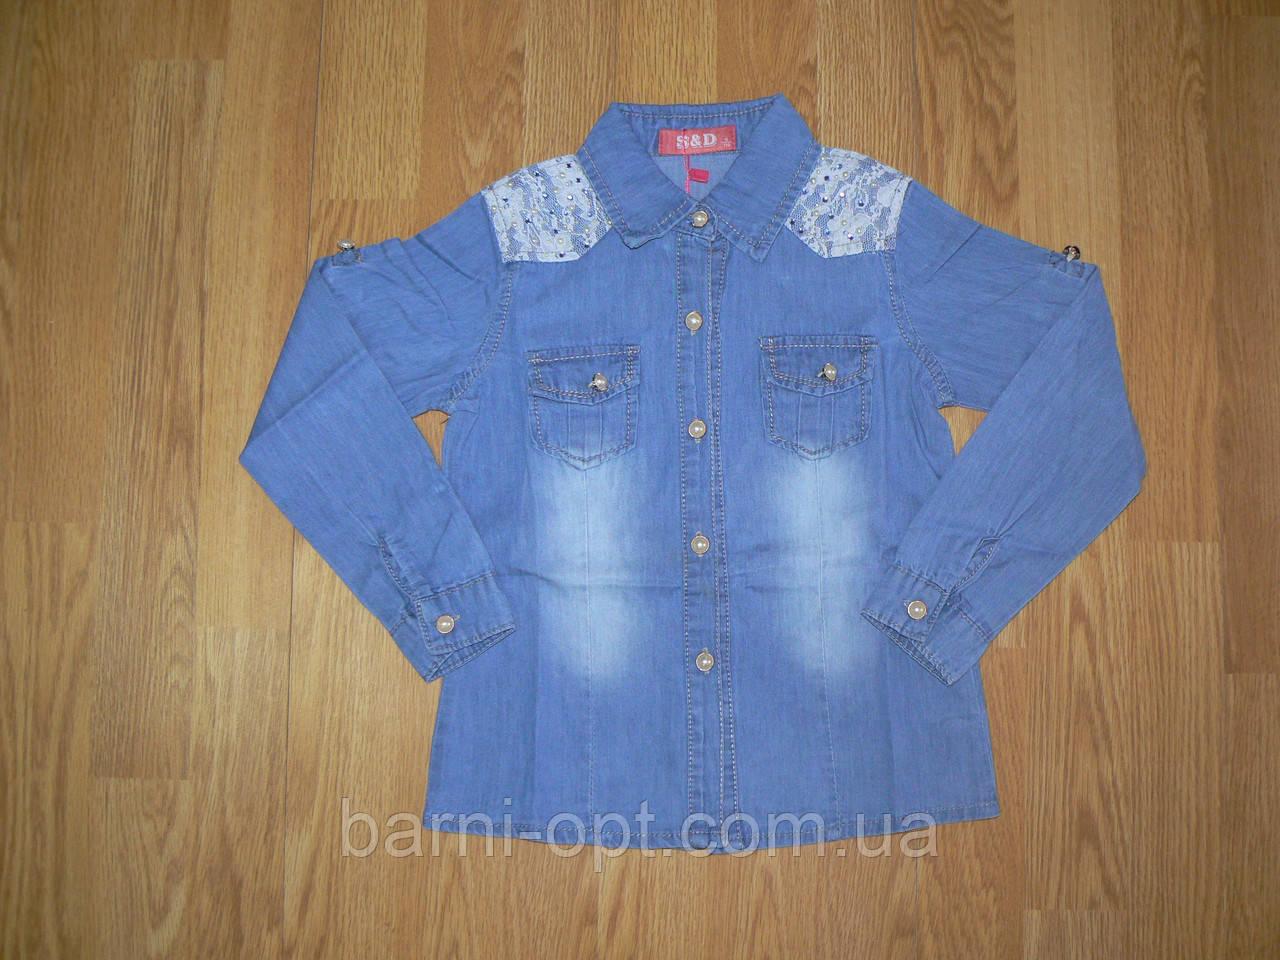 Джинсовые рубашки на девочек оптом, S&D, в наличии  1/86рр